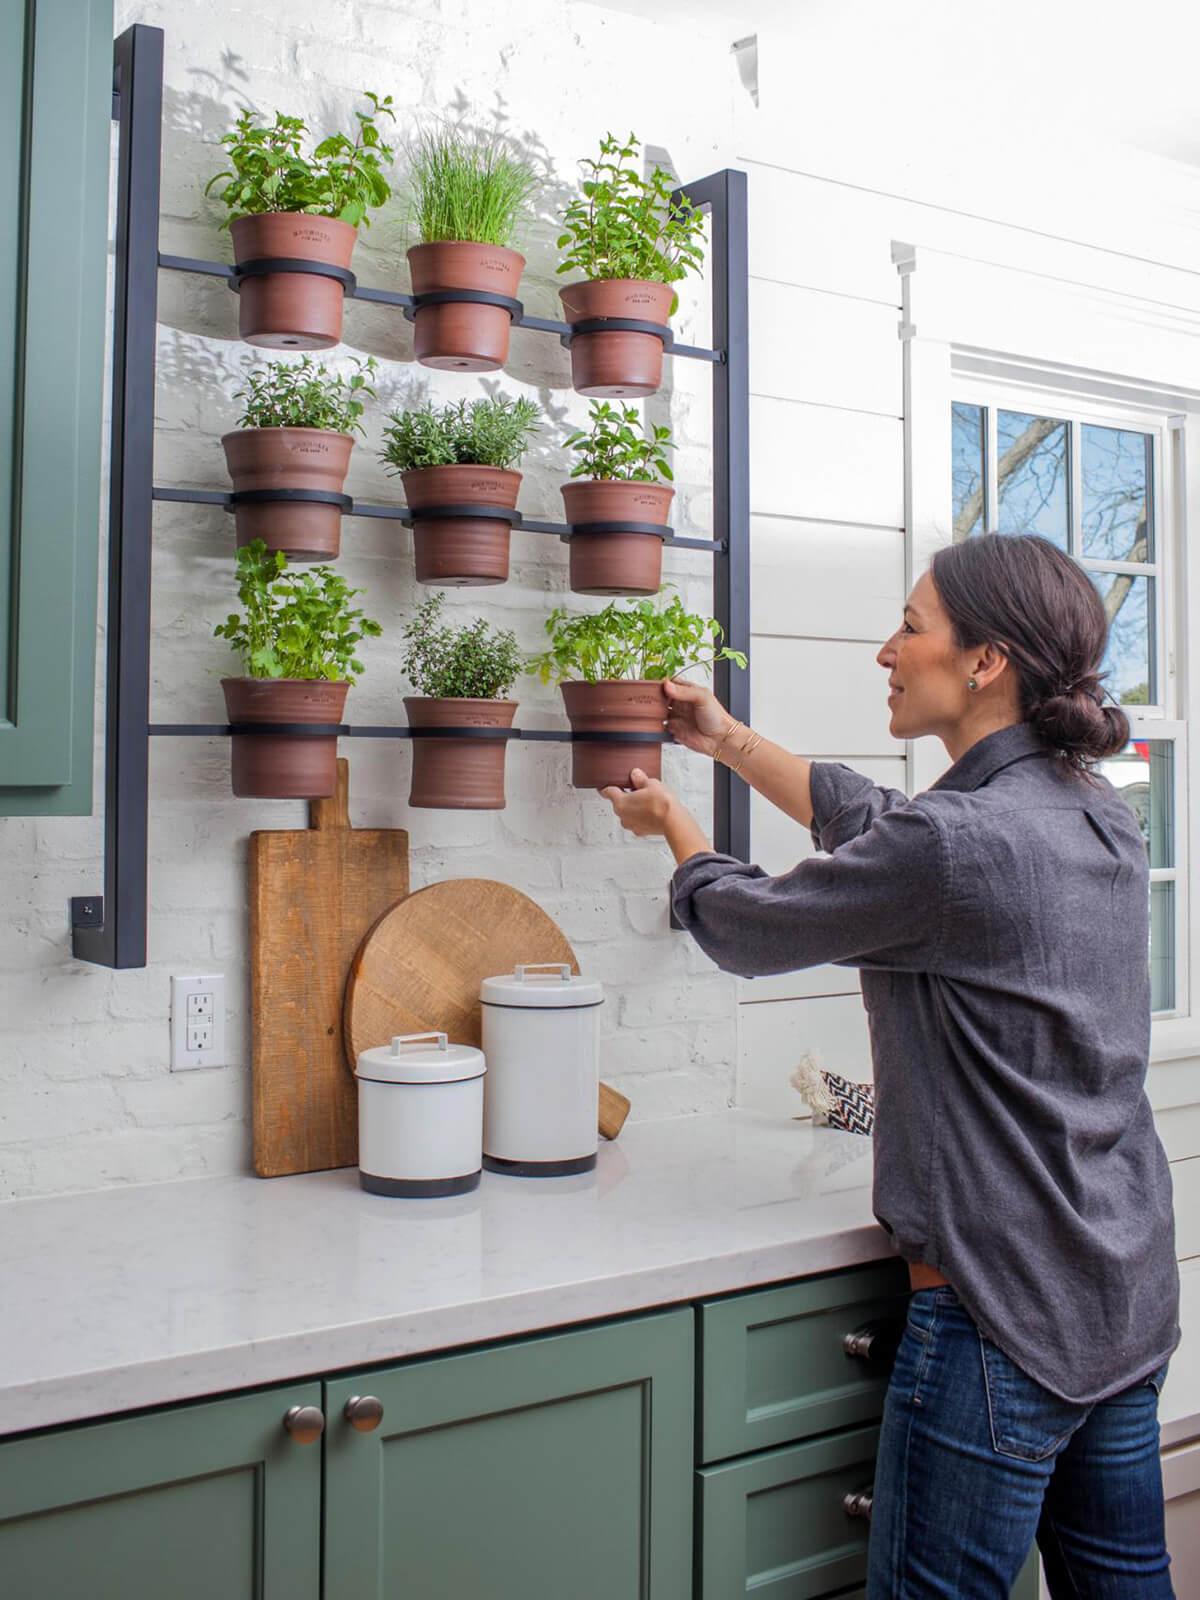 Un esempio di allestimento di angolo verde di erbe aromatiche in cucina realizzato dalla nota interior designer Joanna Gaines dello studio Magnolia Homes